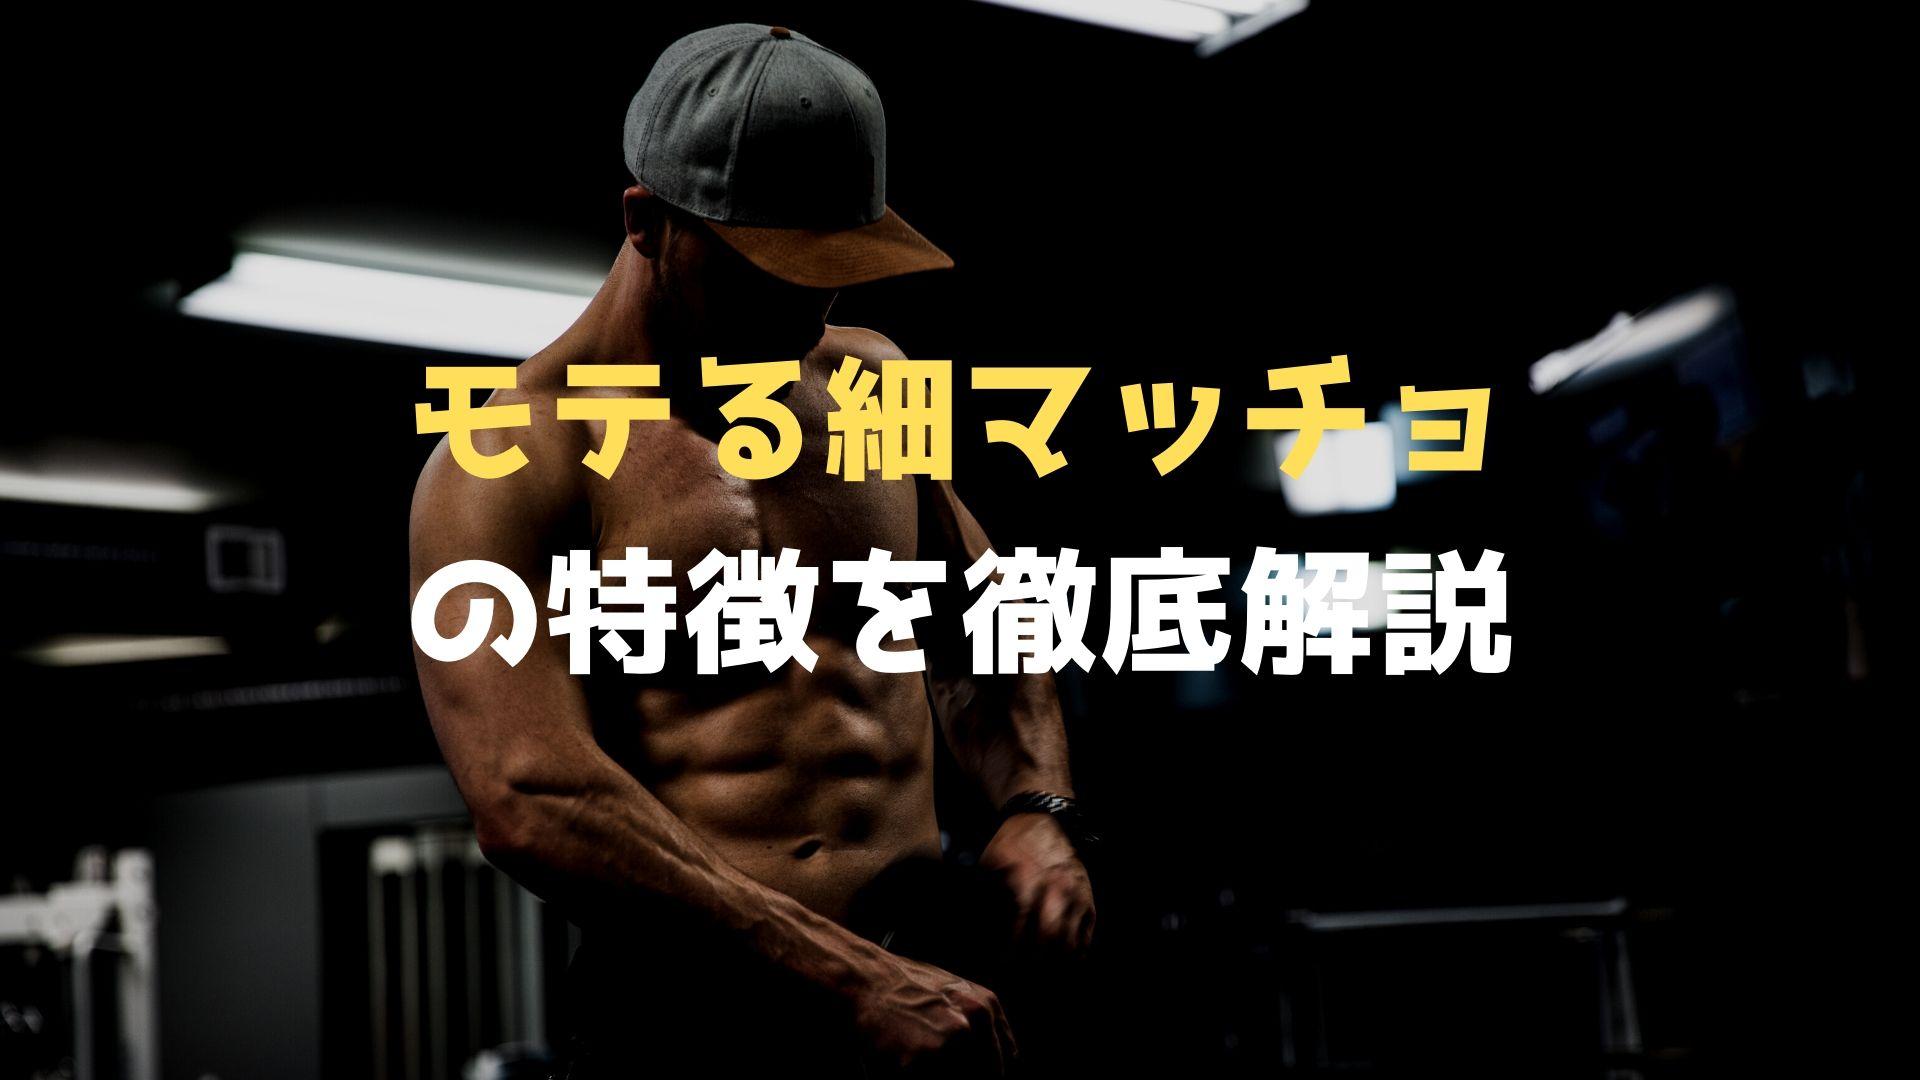 モテる細マッチョの定義【日本人の細マッチョは勘違いです】